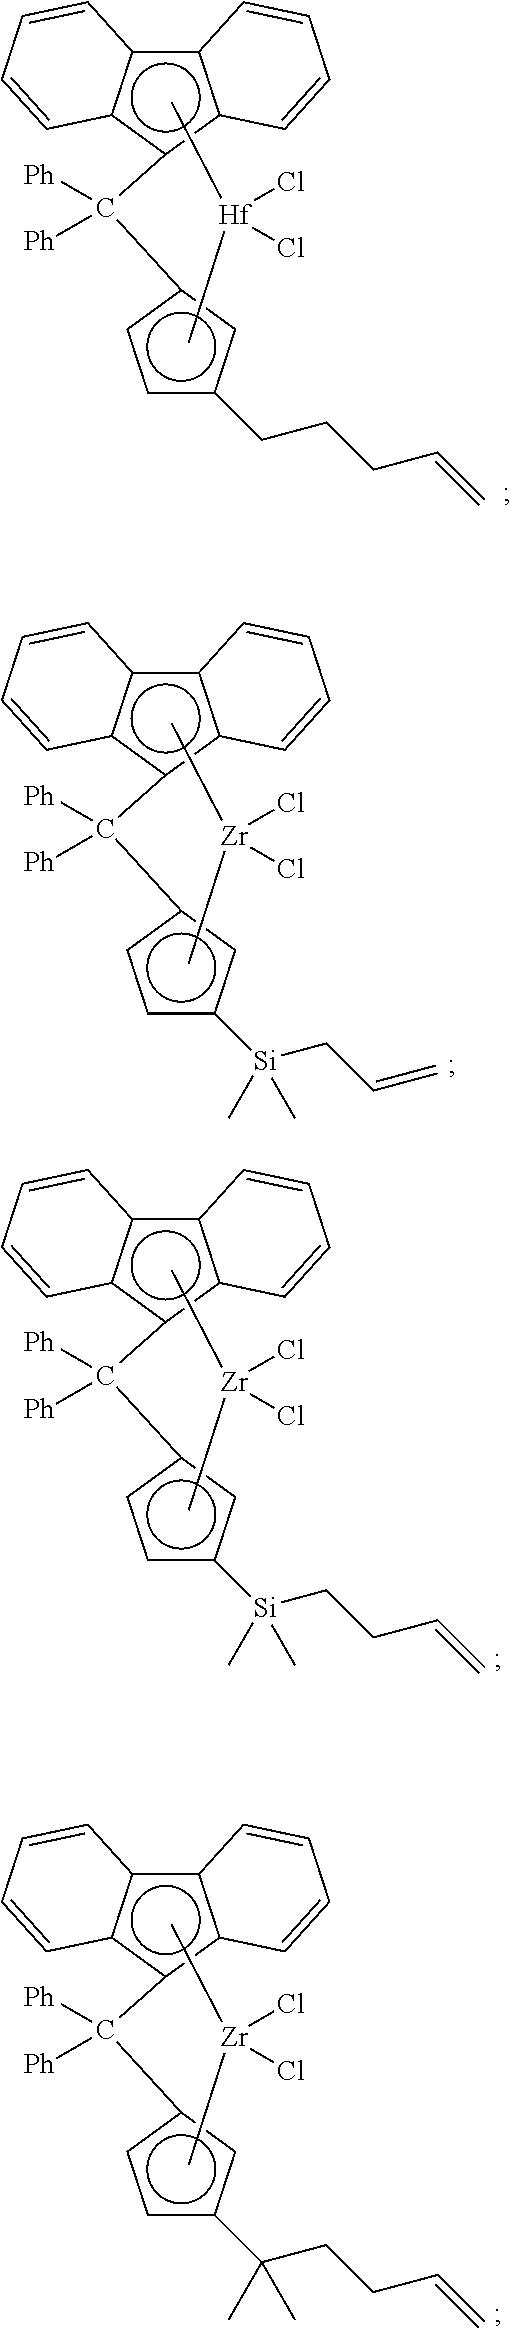 Figure US08501654-20130806-C00005